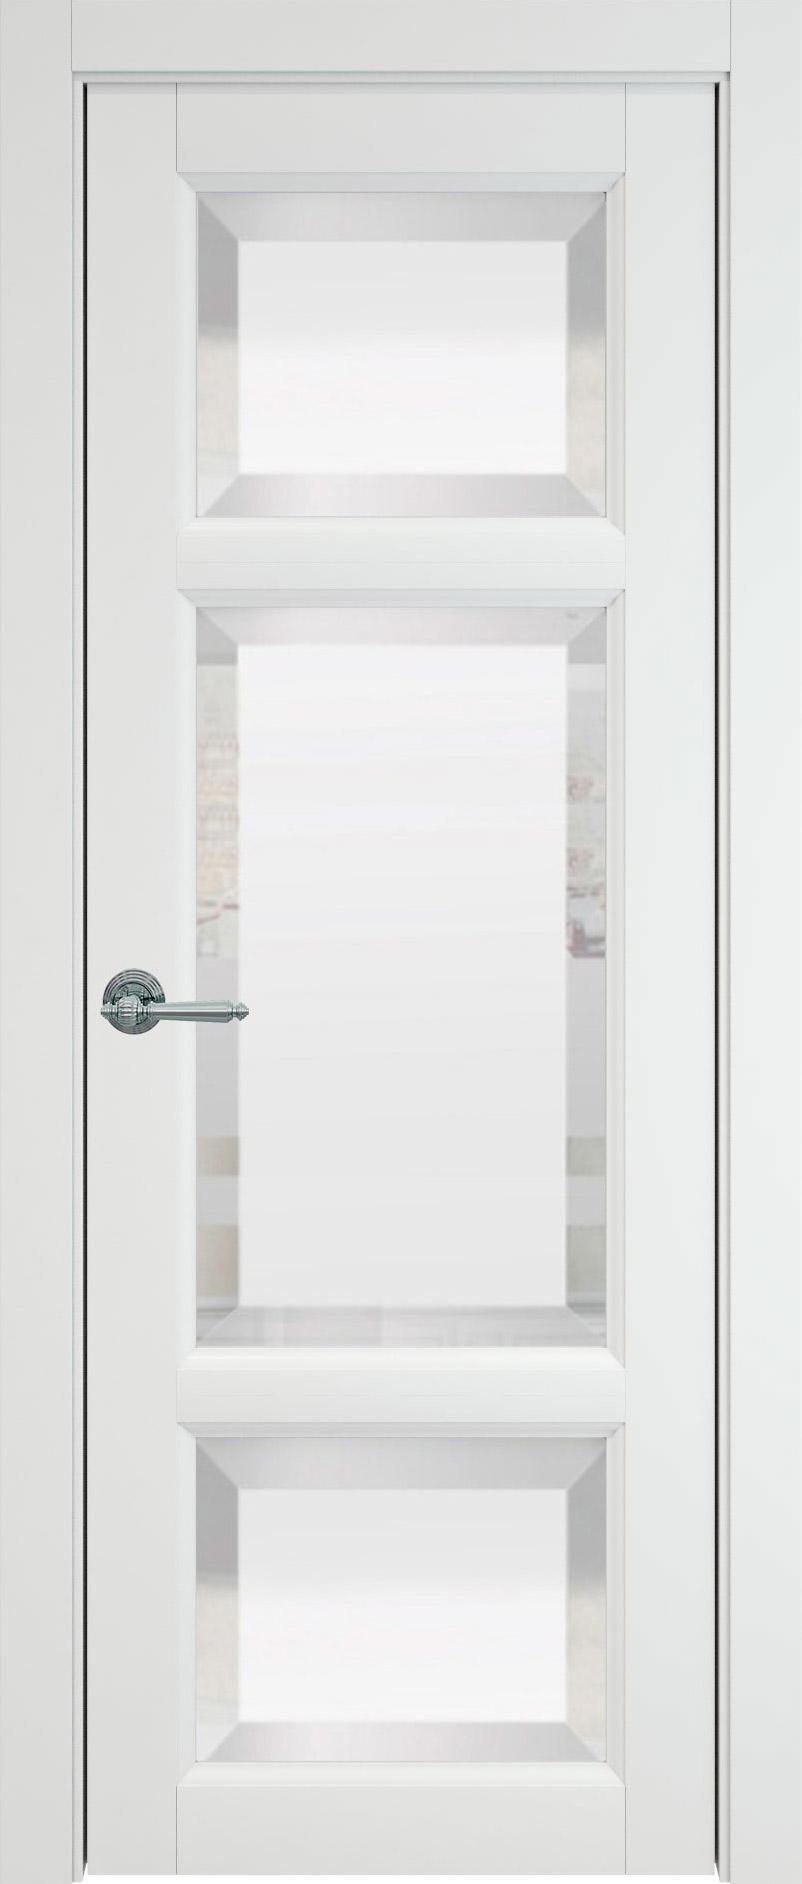 Siena цвет - Белая эмаль (RAL 9003) Со стеклом (ДО)